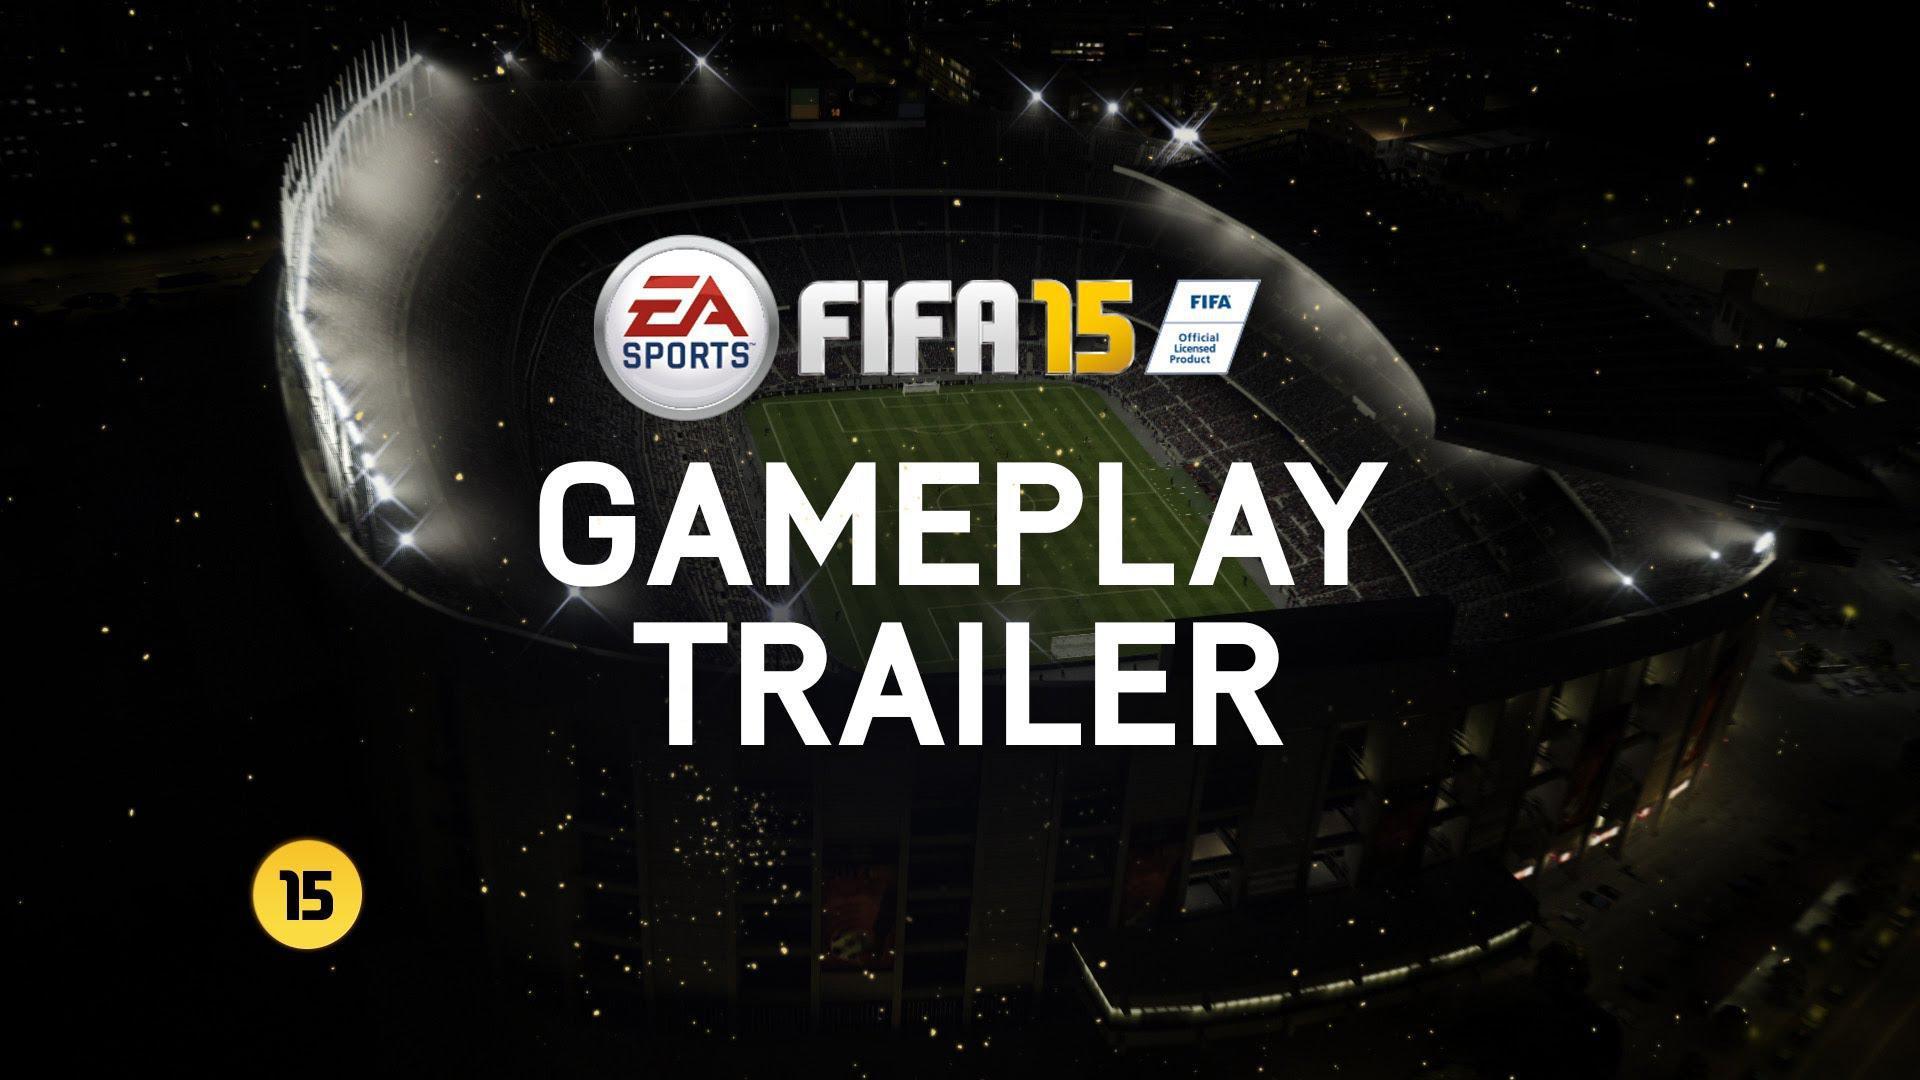 FIFA 15 primește primul trailer în cadrul E3 2014